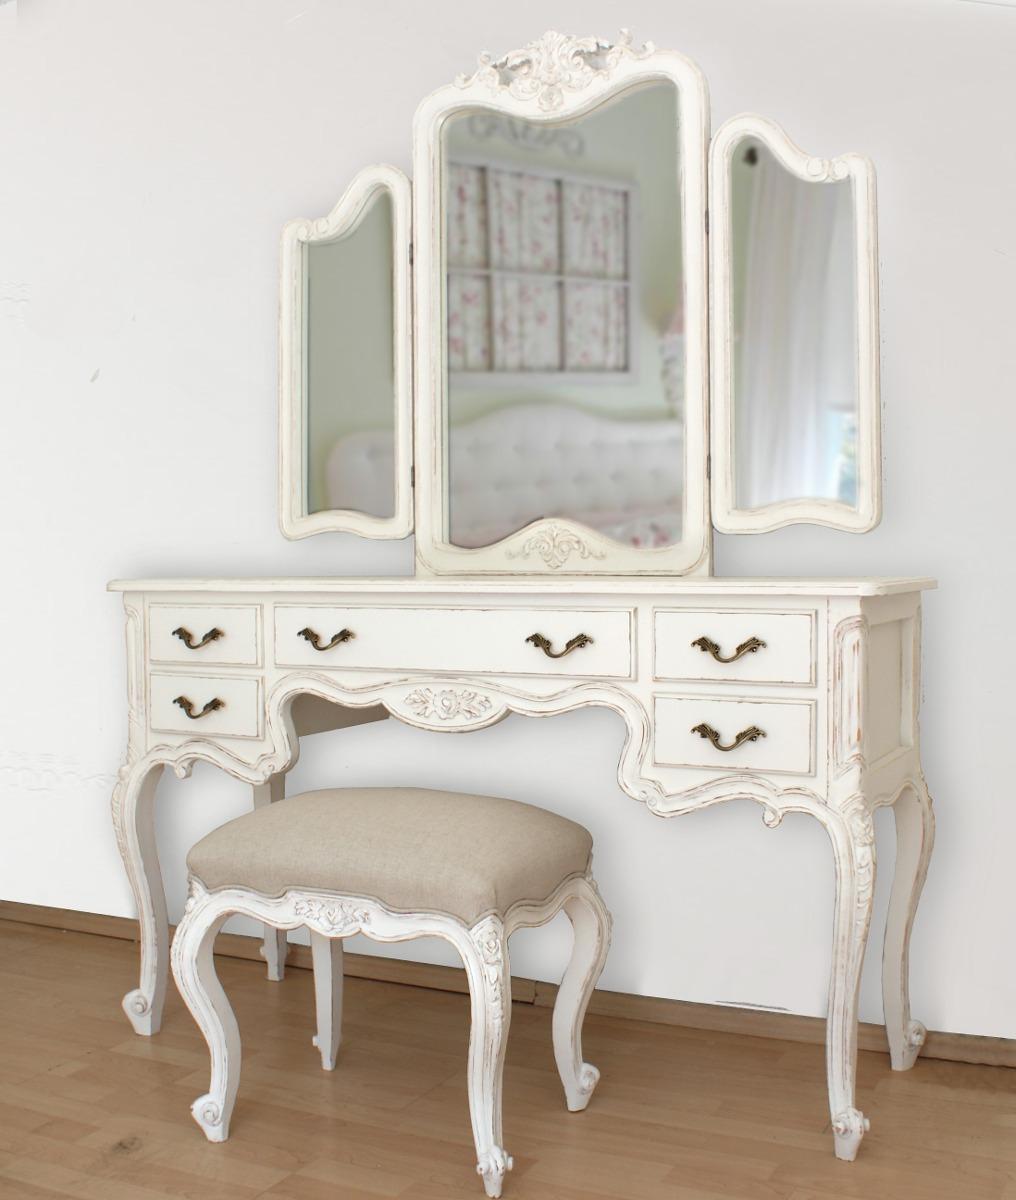 Tocador vintage tres espejos tallado en cedro con taburete Recamaras estilo vintage